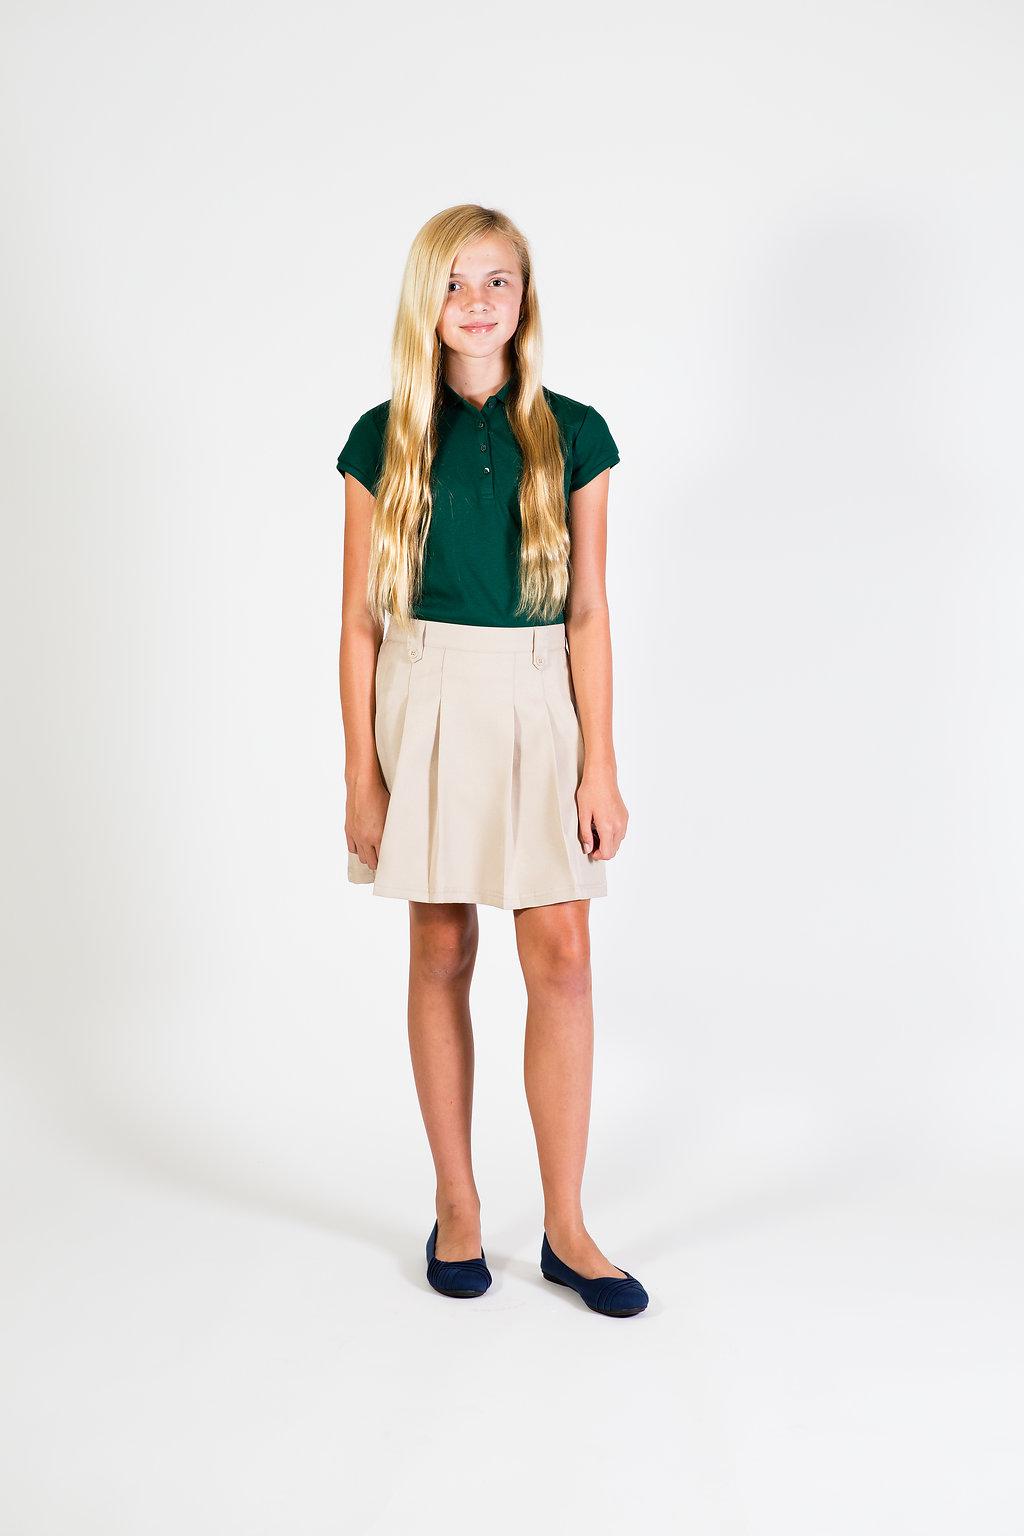 16JuneWCA_Uniforms025.jpg